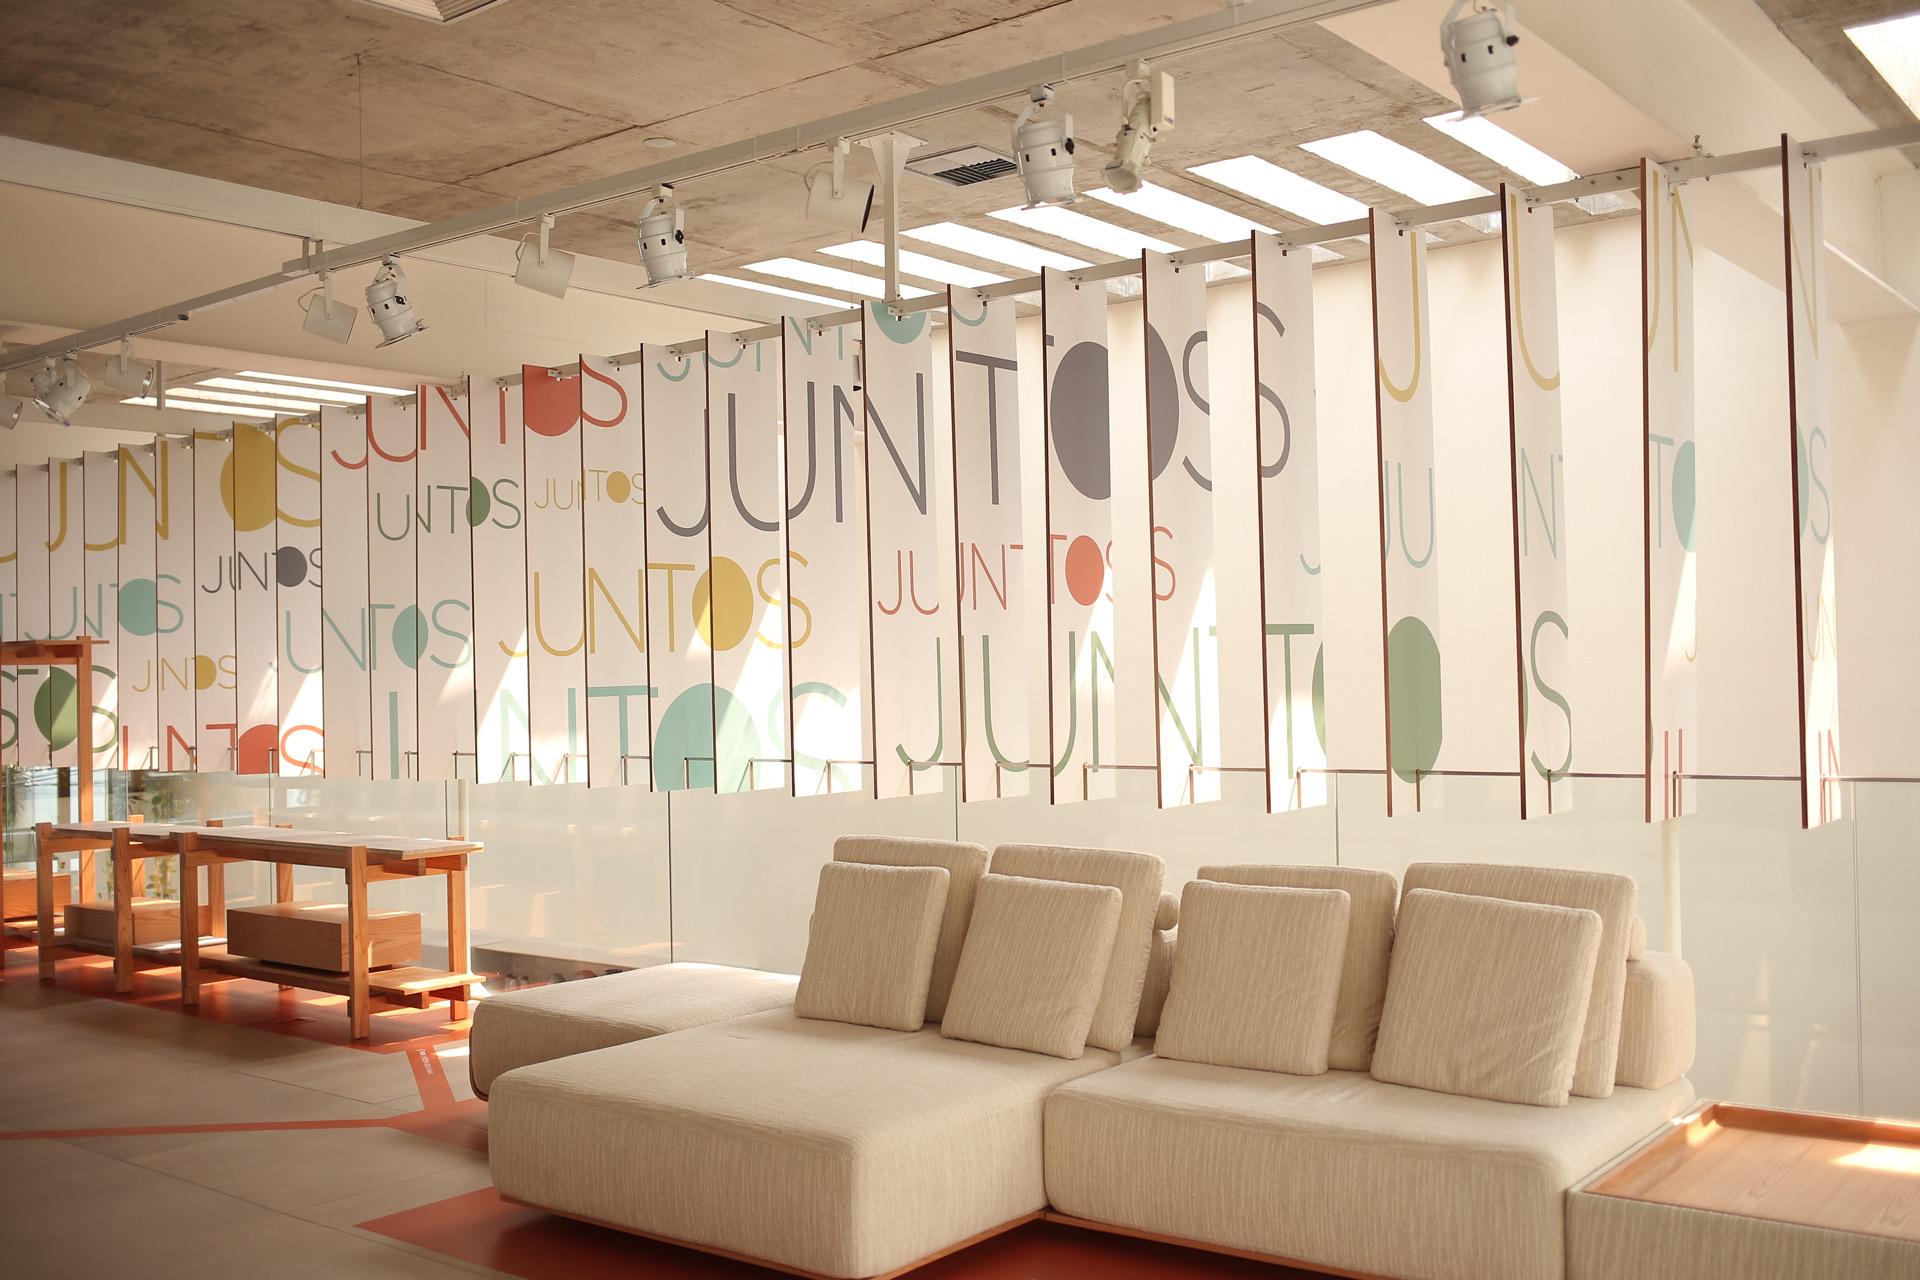 lider interiores dw design weekend 2021